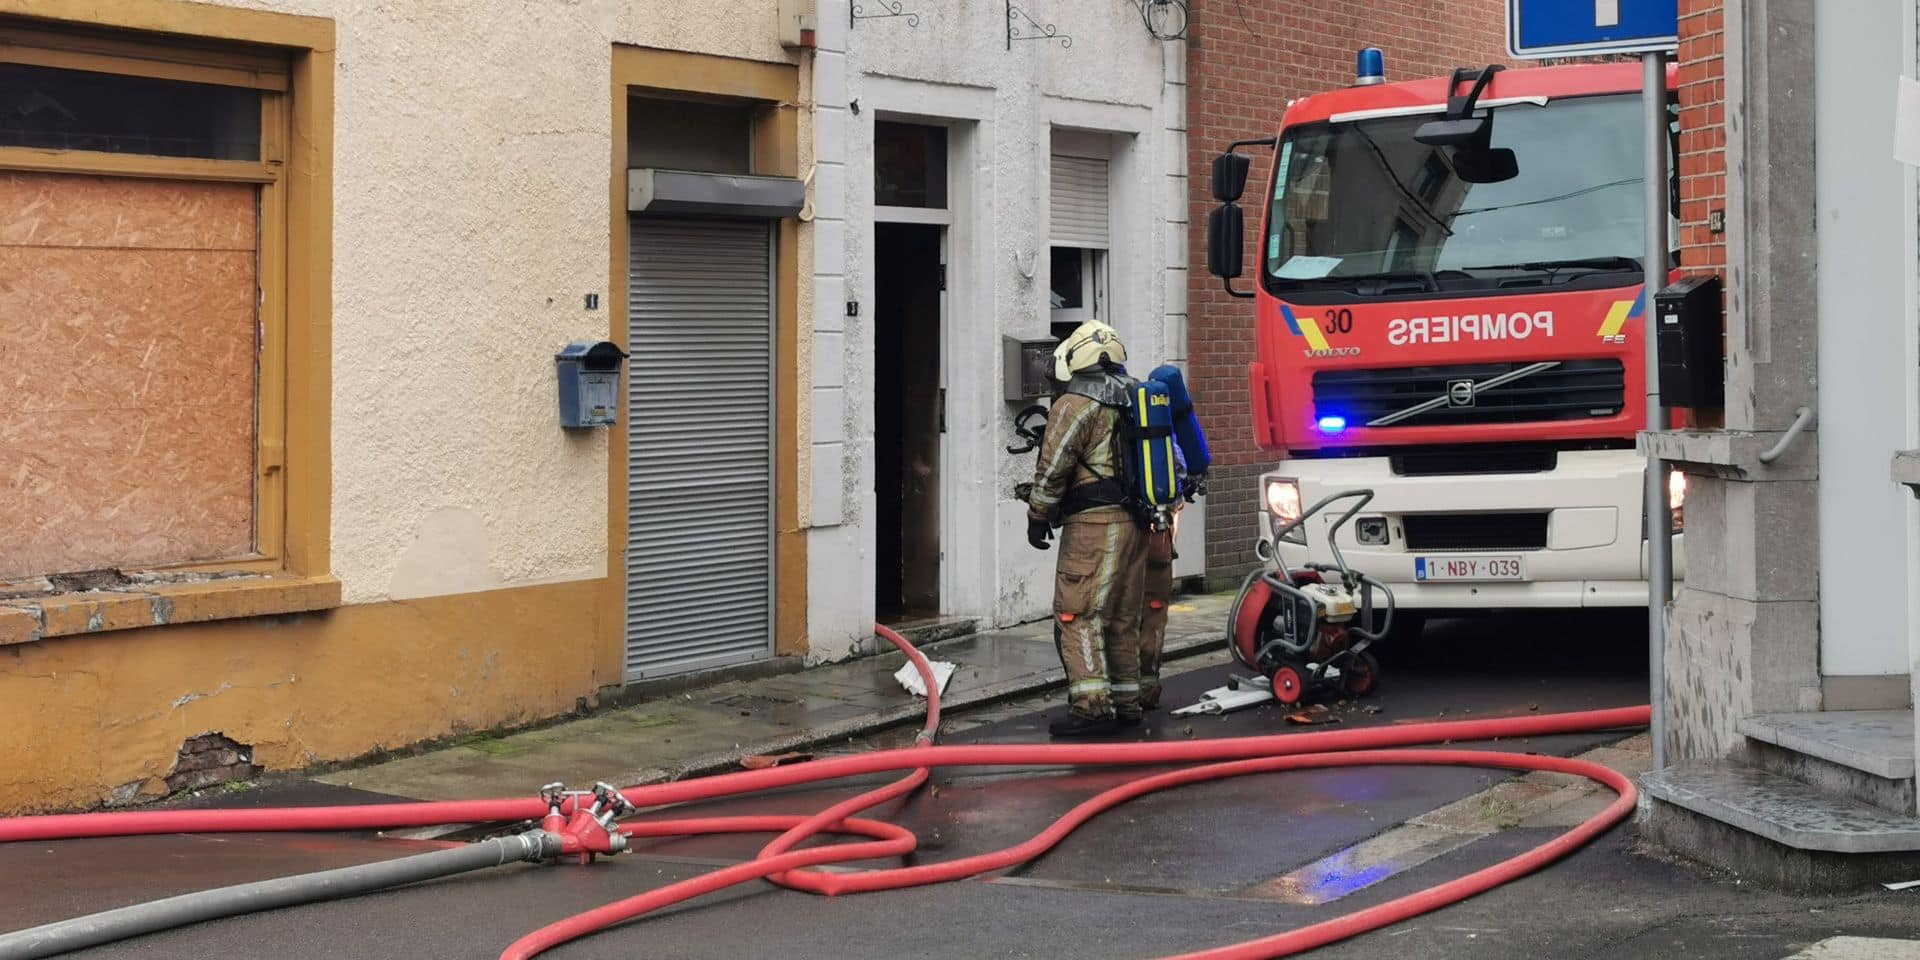 Important incendie dans une maison à Gilly, deux personnes transportées à l'hôpital